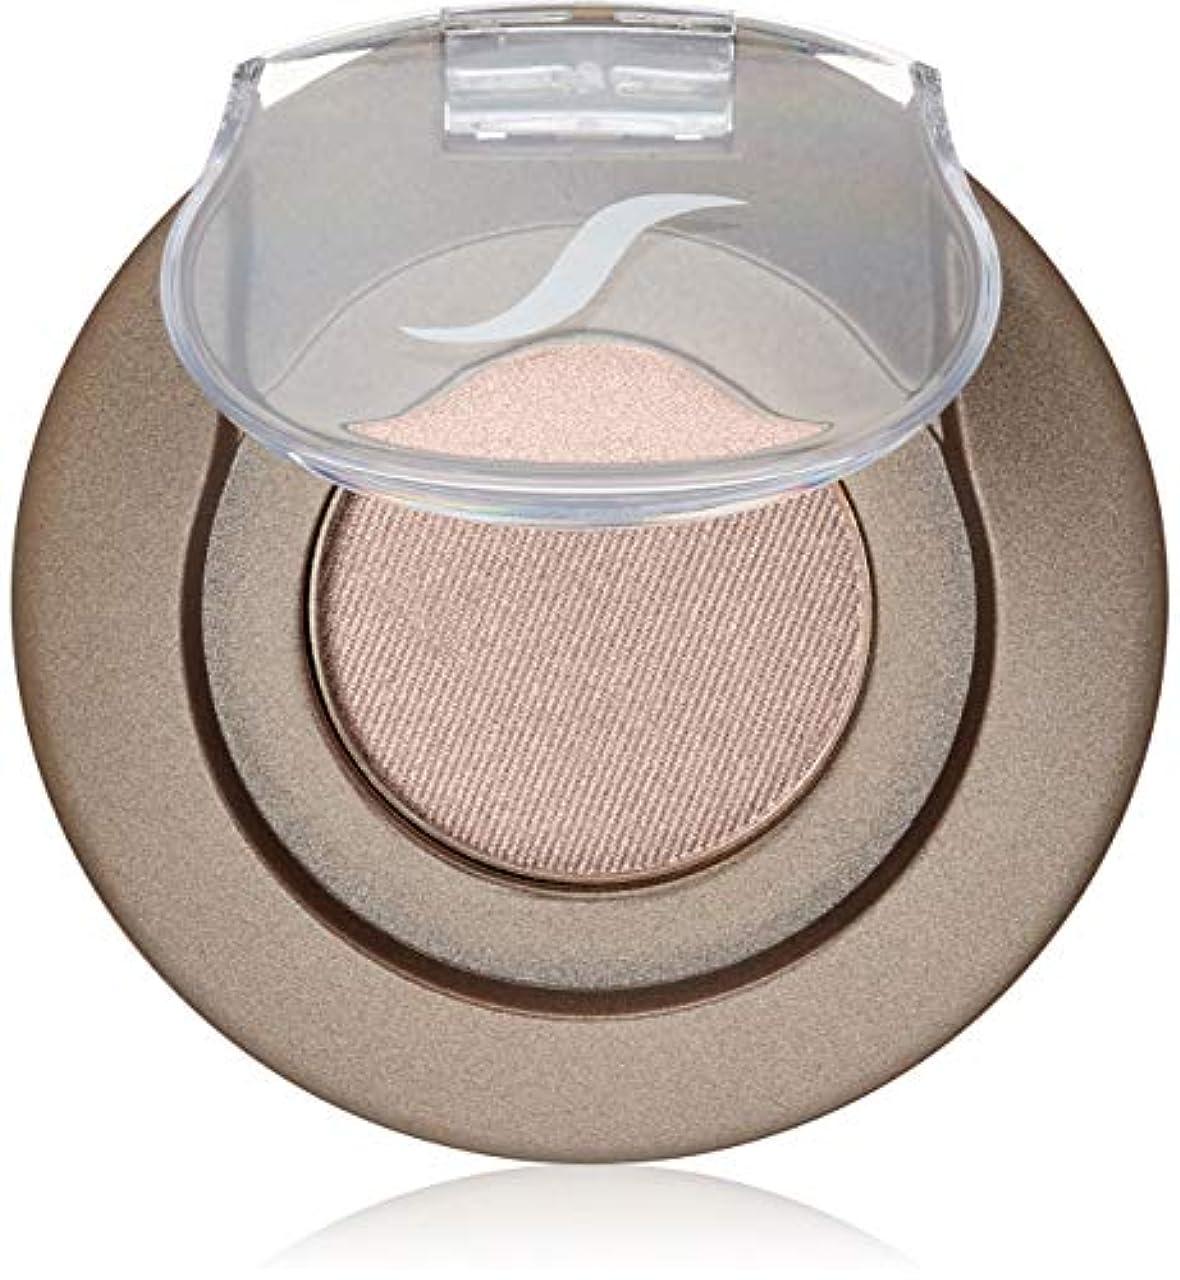 砲兵欺途方もないSorme' Treatment Cosmetics Sorme化粧品ミネラルボタニカルアイシャドー、0.05オンス 0.05オンス フラッシュ